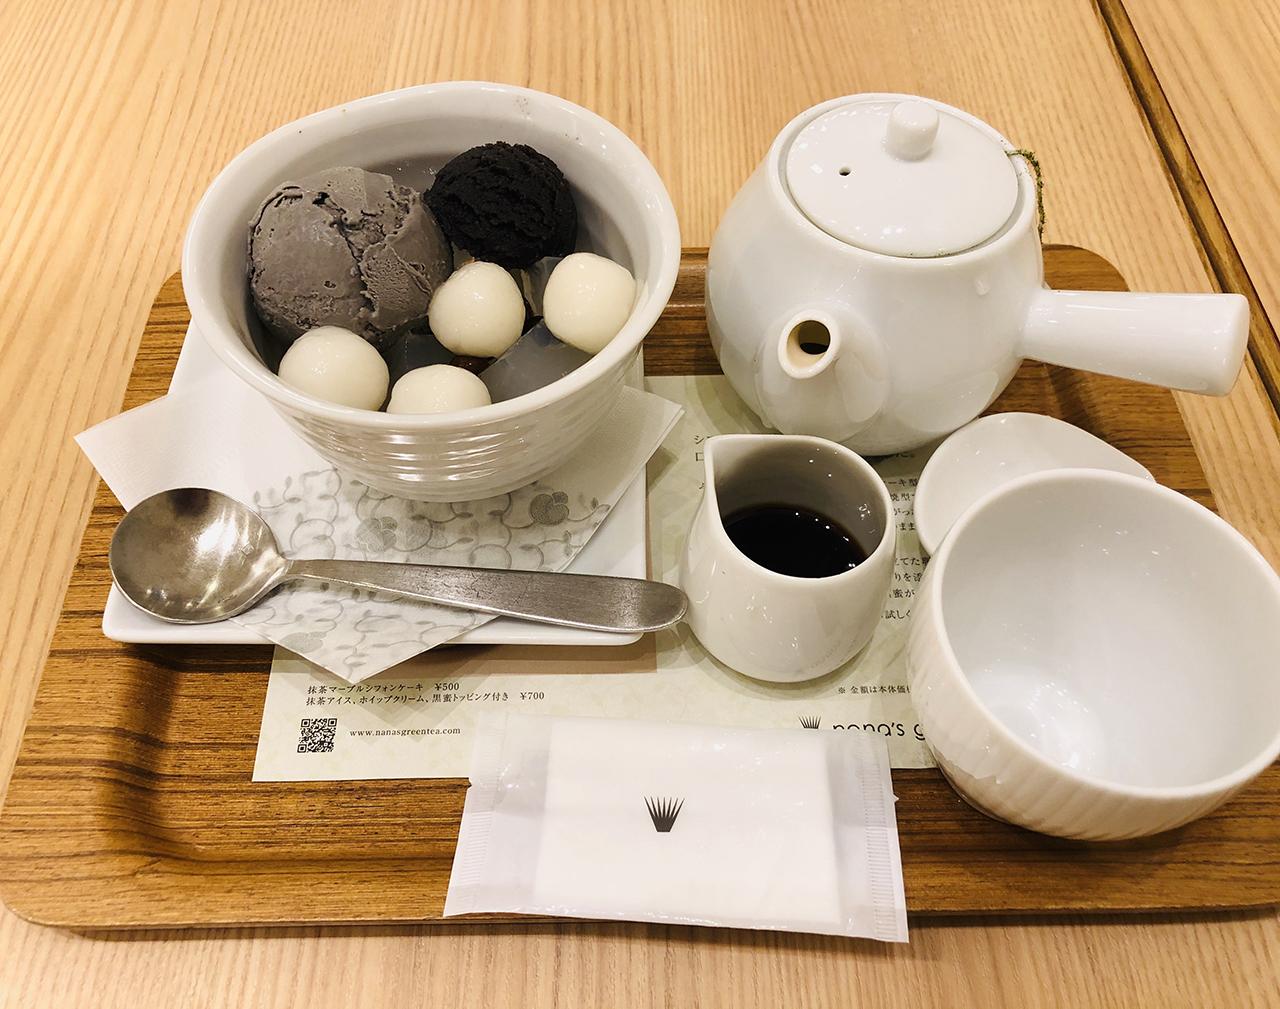 黒胡麻クリームあんみつと宇治煎茶の写真